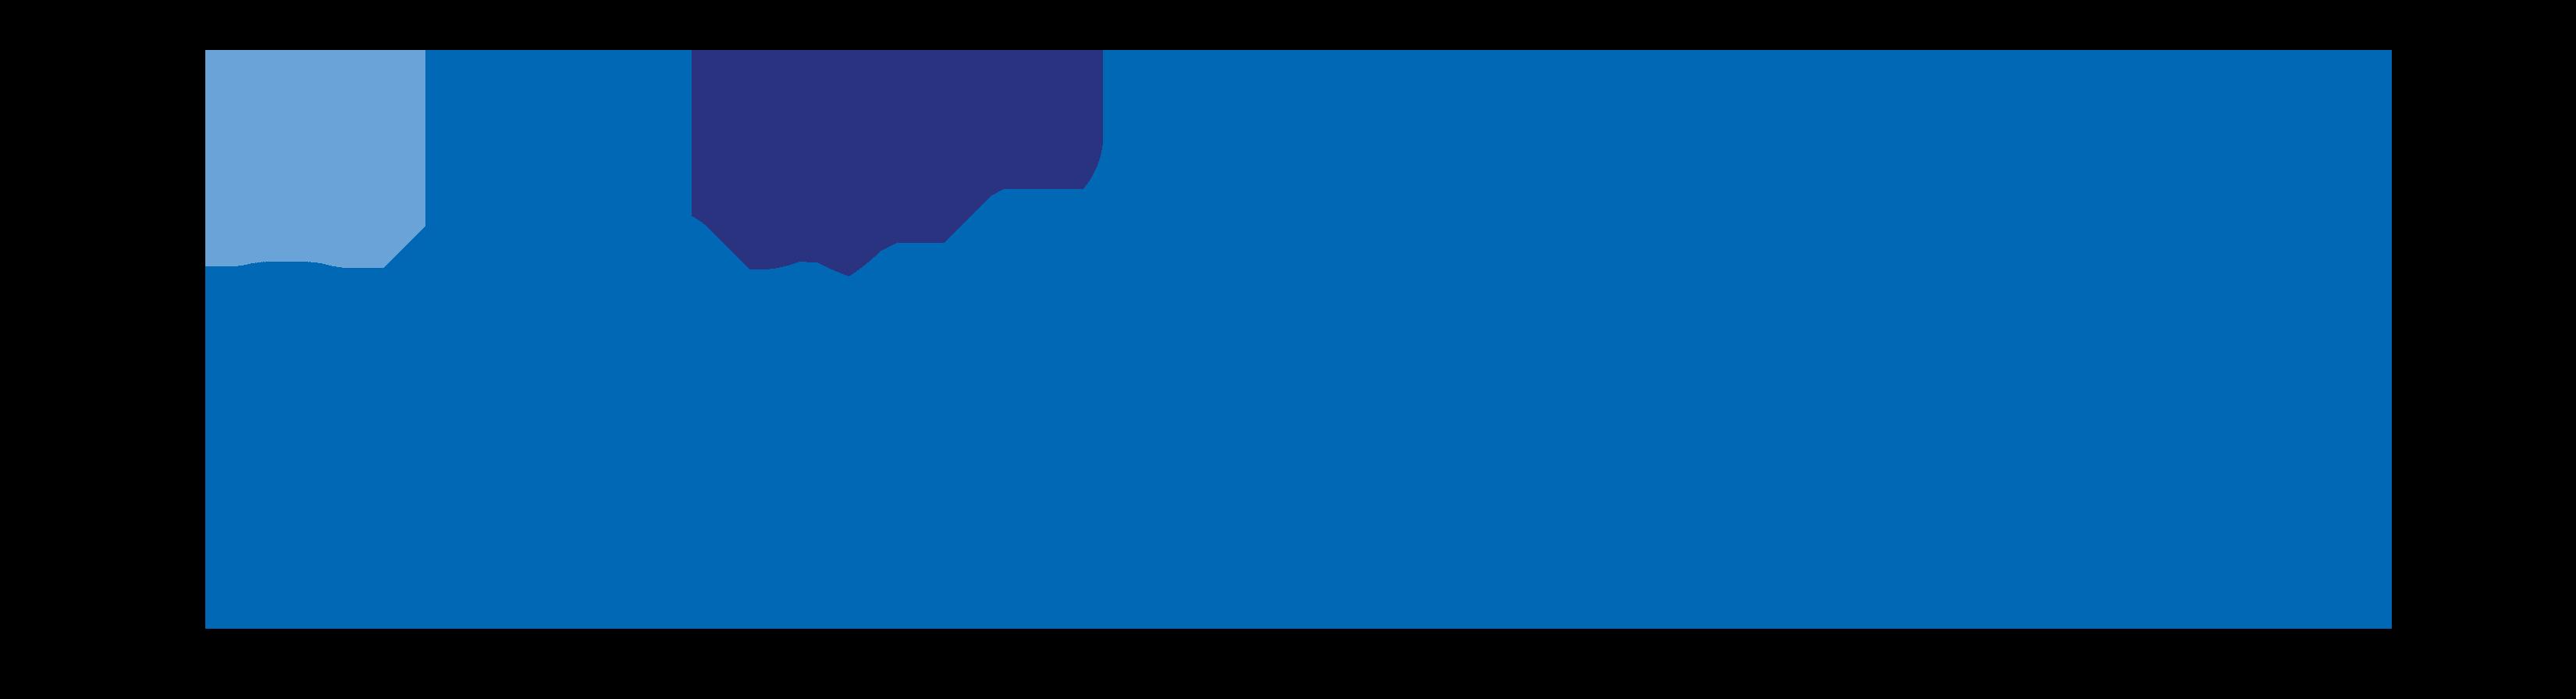 Cory Lake